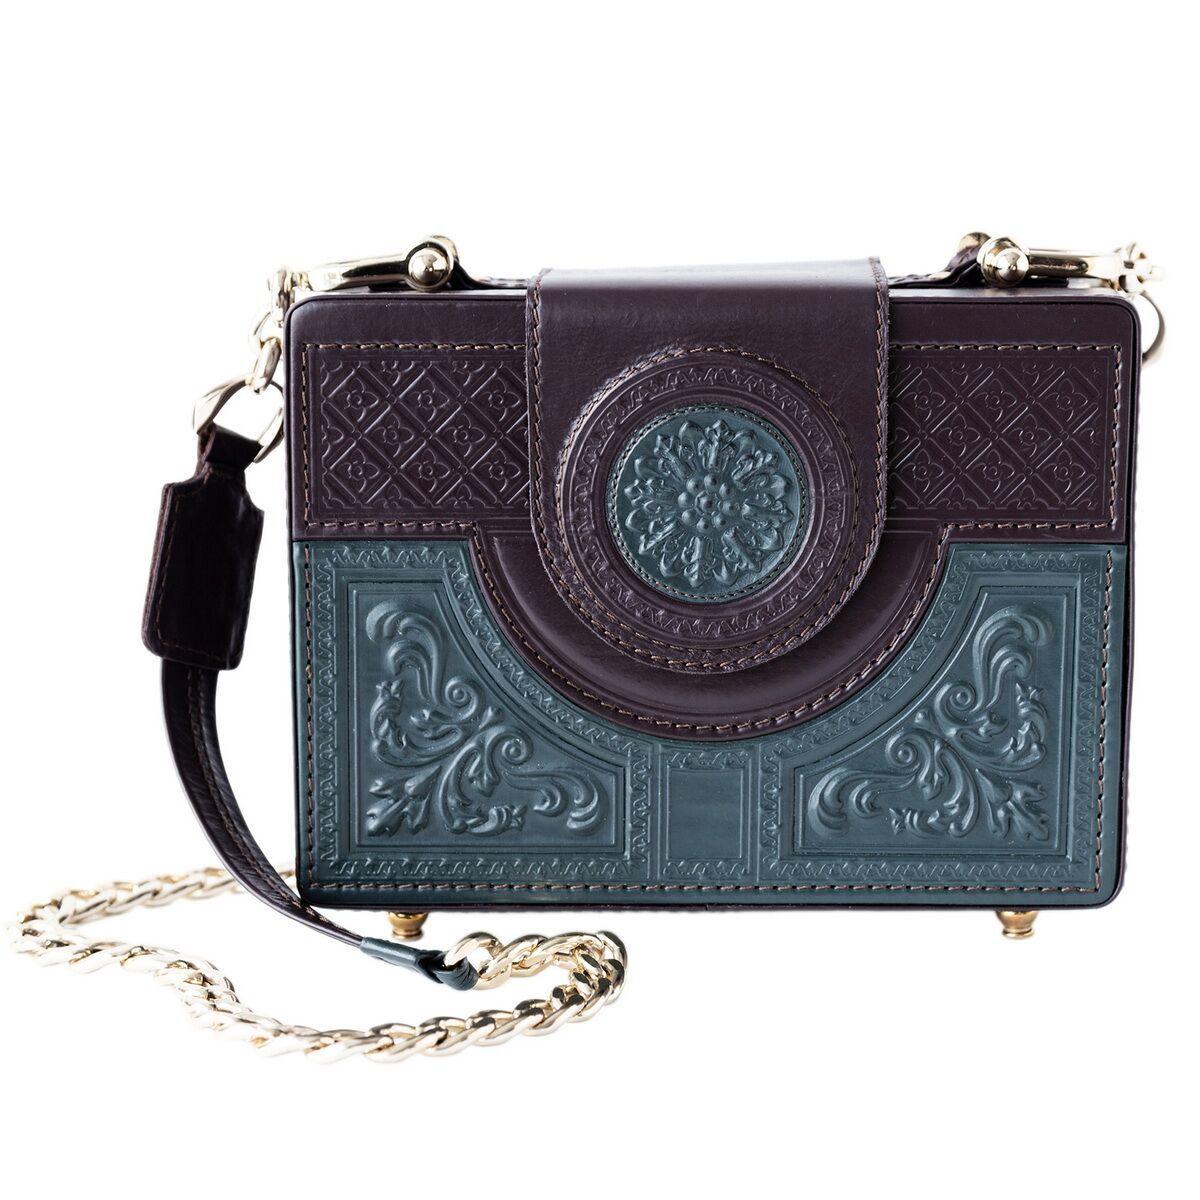 5db5fb66627e Купить Сумка женская «Венеция» в интернет-магазине кожаных изделий ...